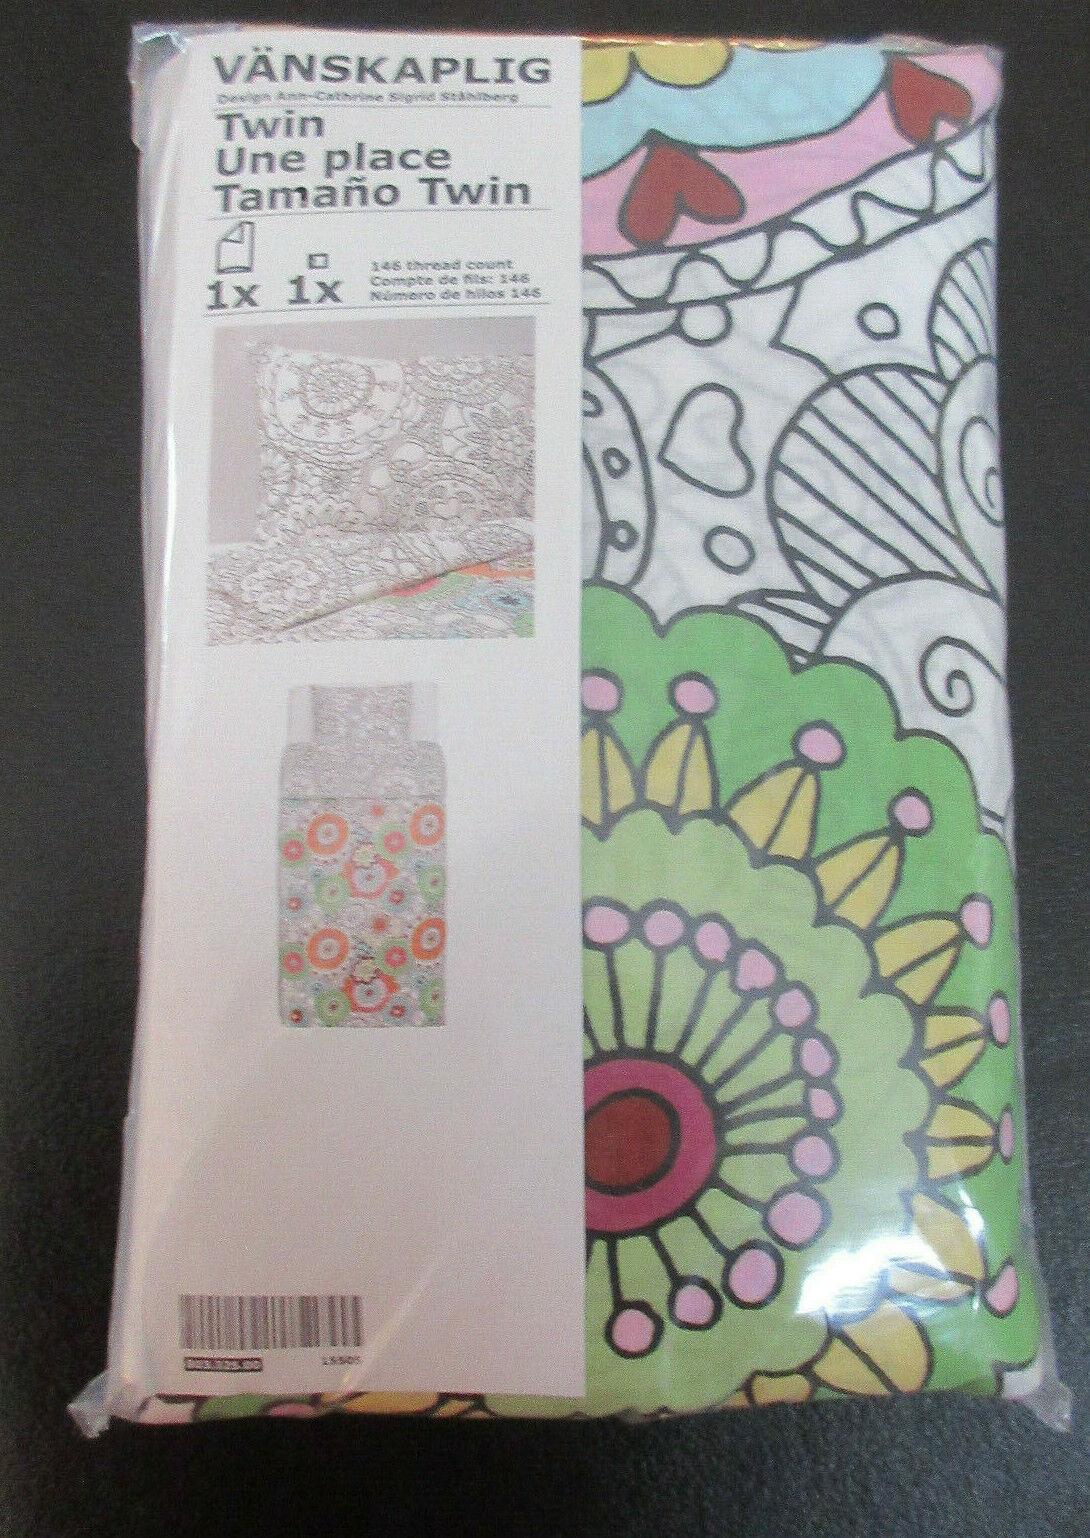 Ikea Vanskaplig Twin Duvet Cover and Pillowcase Multicolor 803.325.00 Girl Boy